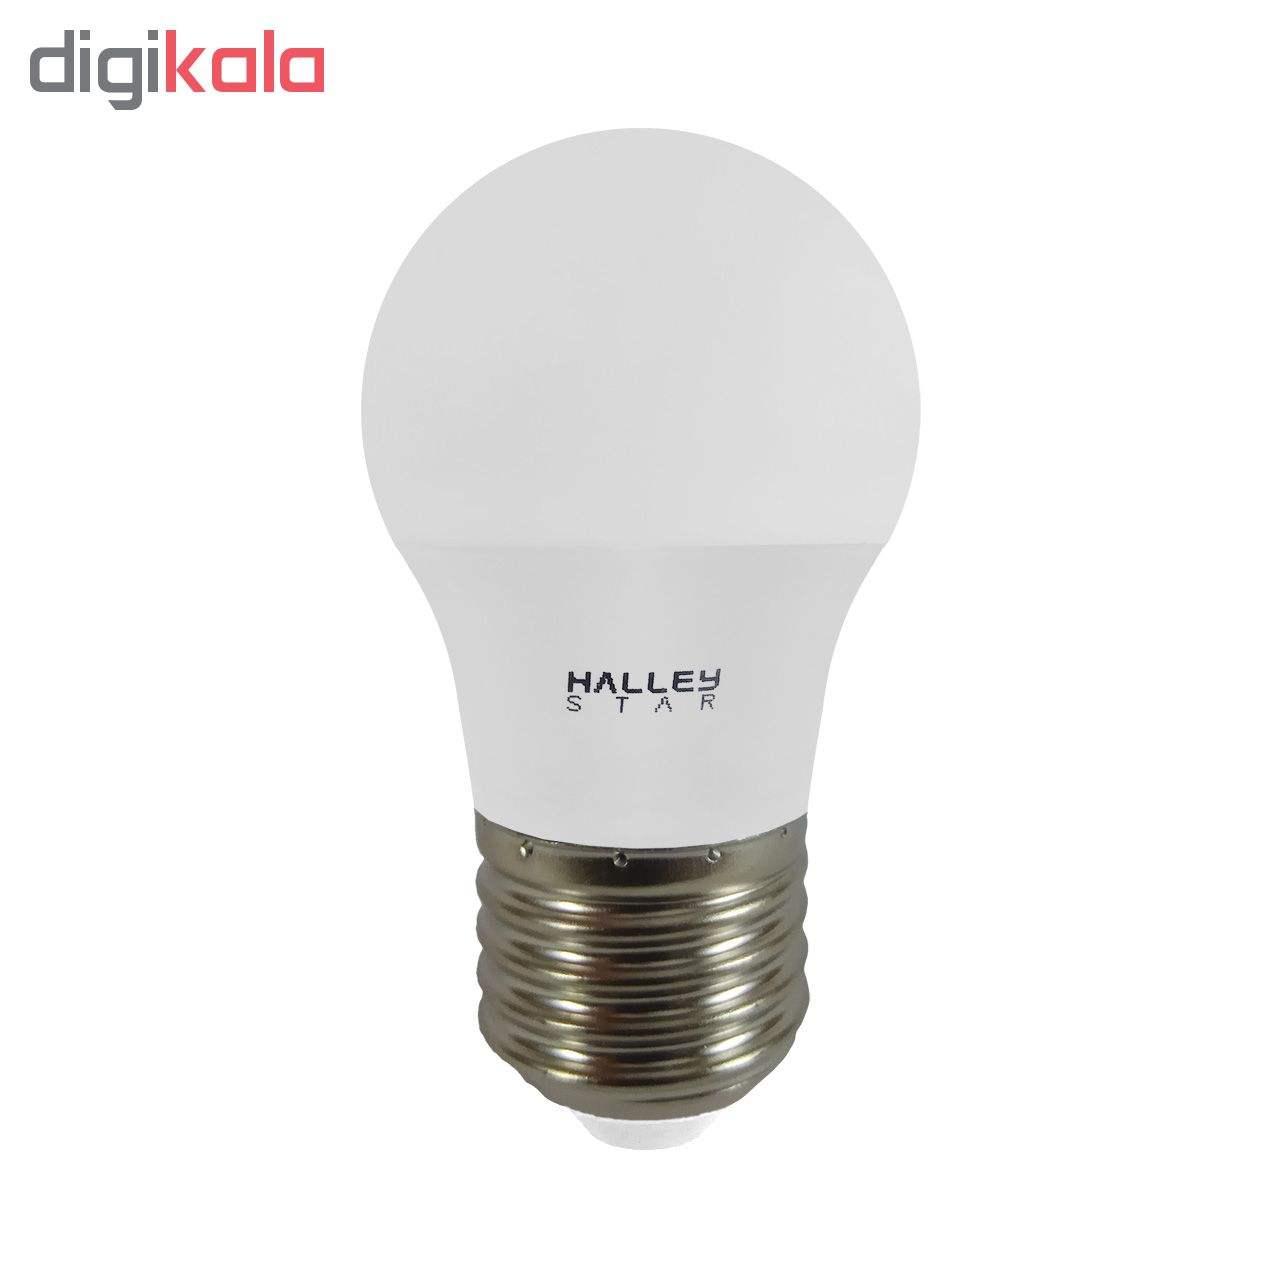 لامپ ال ای دی 3 وات هالی استار کد B45 رنگی پایه E27  main 1 7